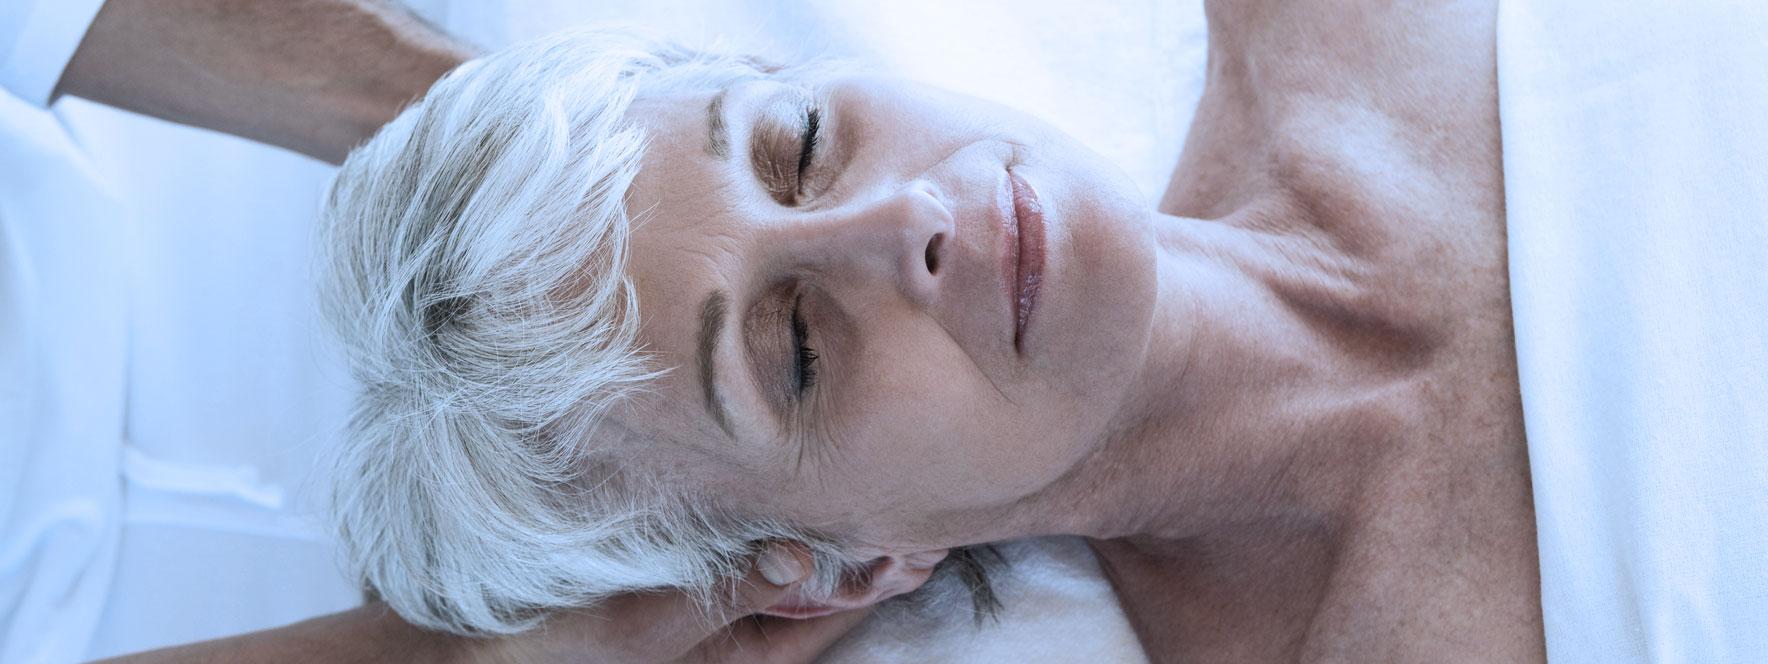 Précautions à prendre pendant le massage - Blogue du Réseau